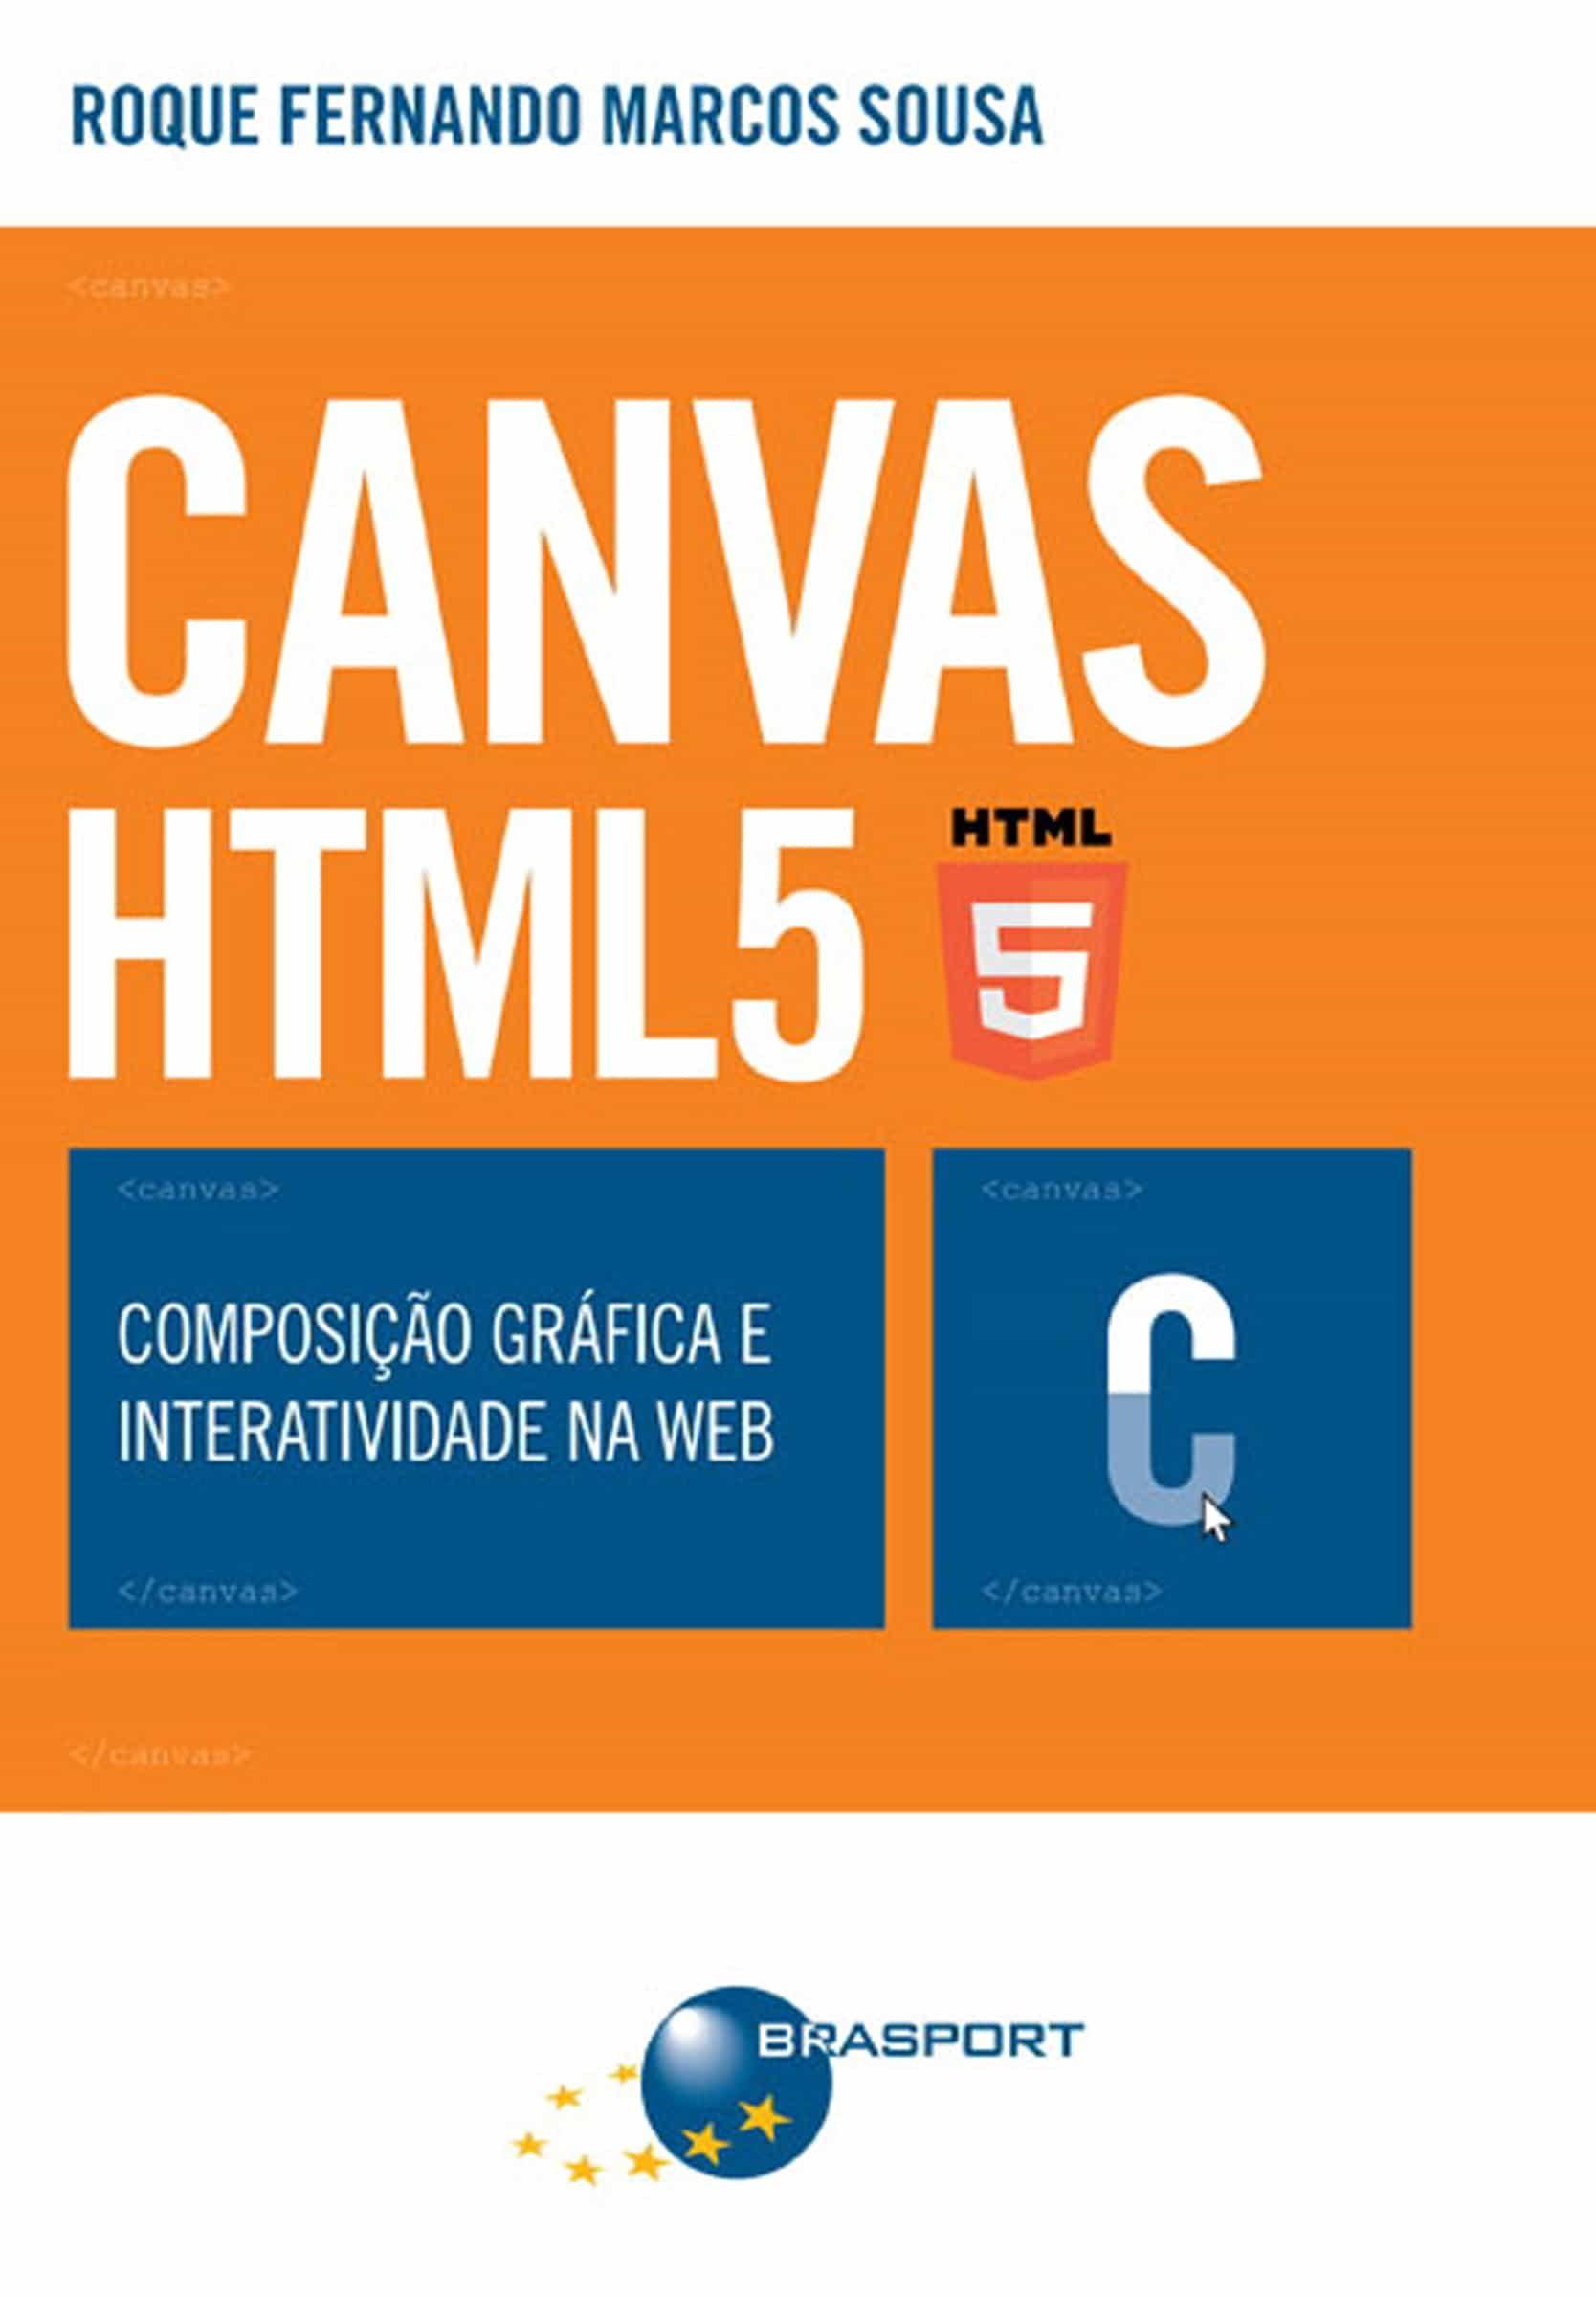 CANVAS HTML 5 - COMPOSIÇÃO GRÁFICA E INTERATIVIDADE NA WEB EBOOK ...